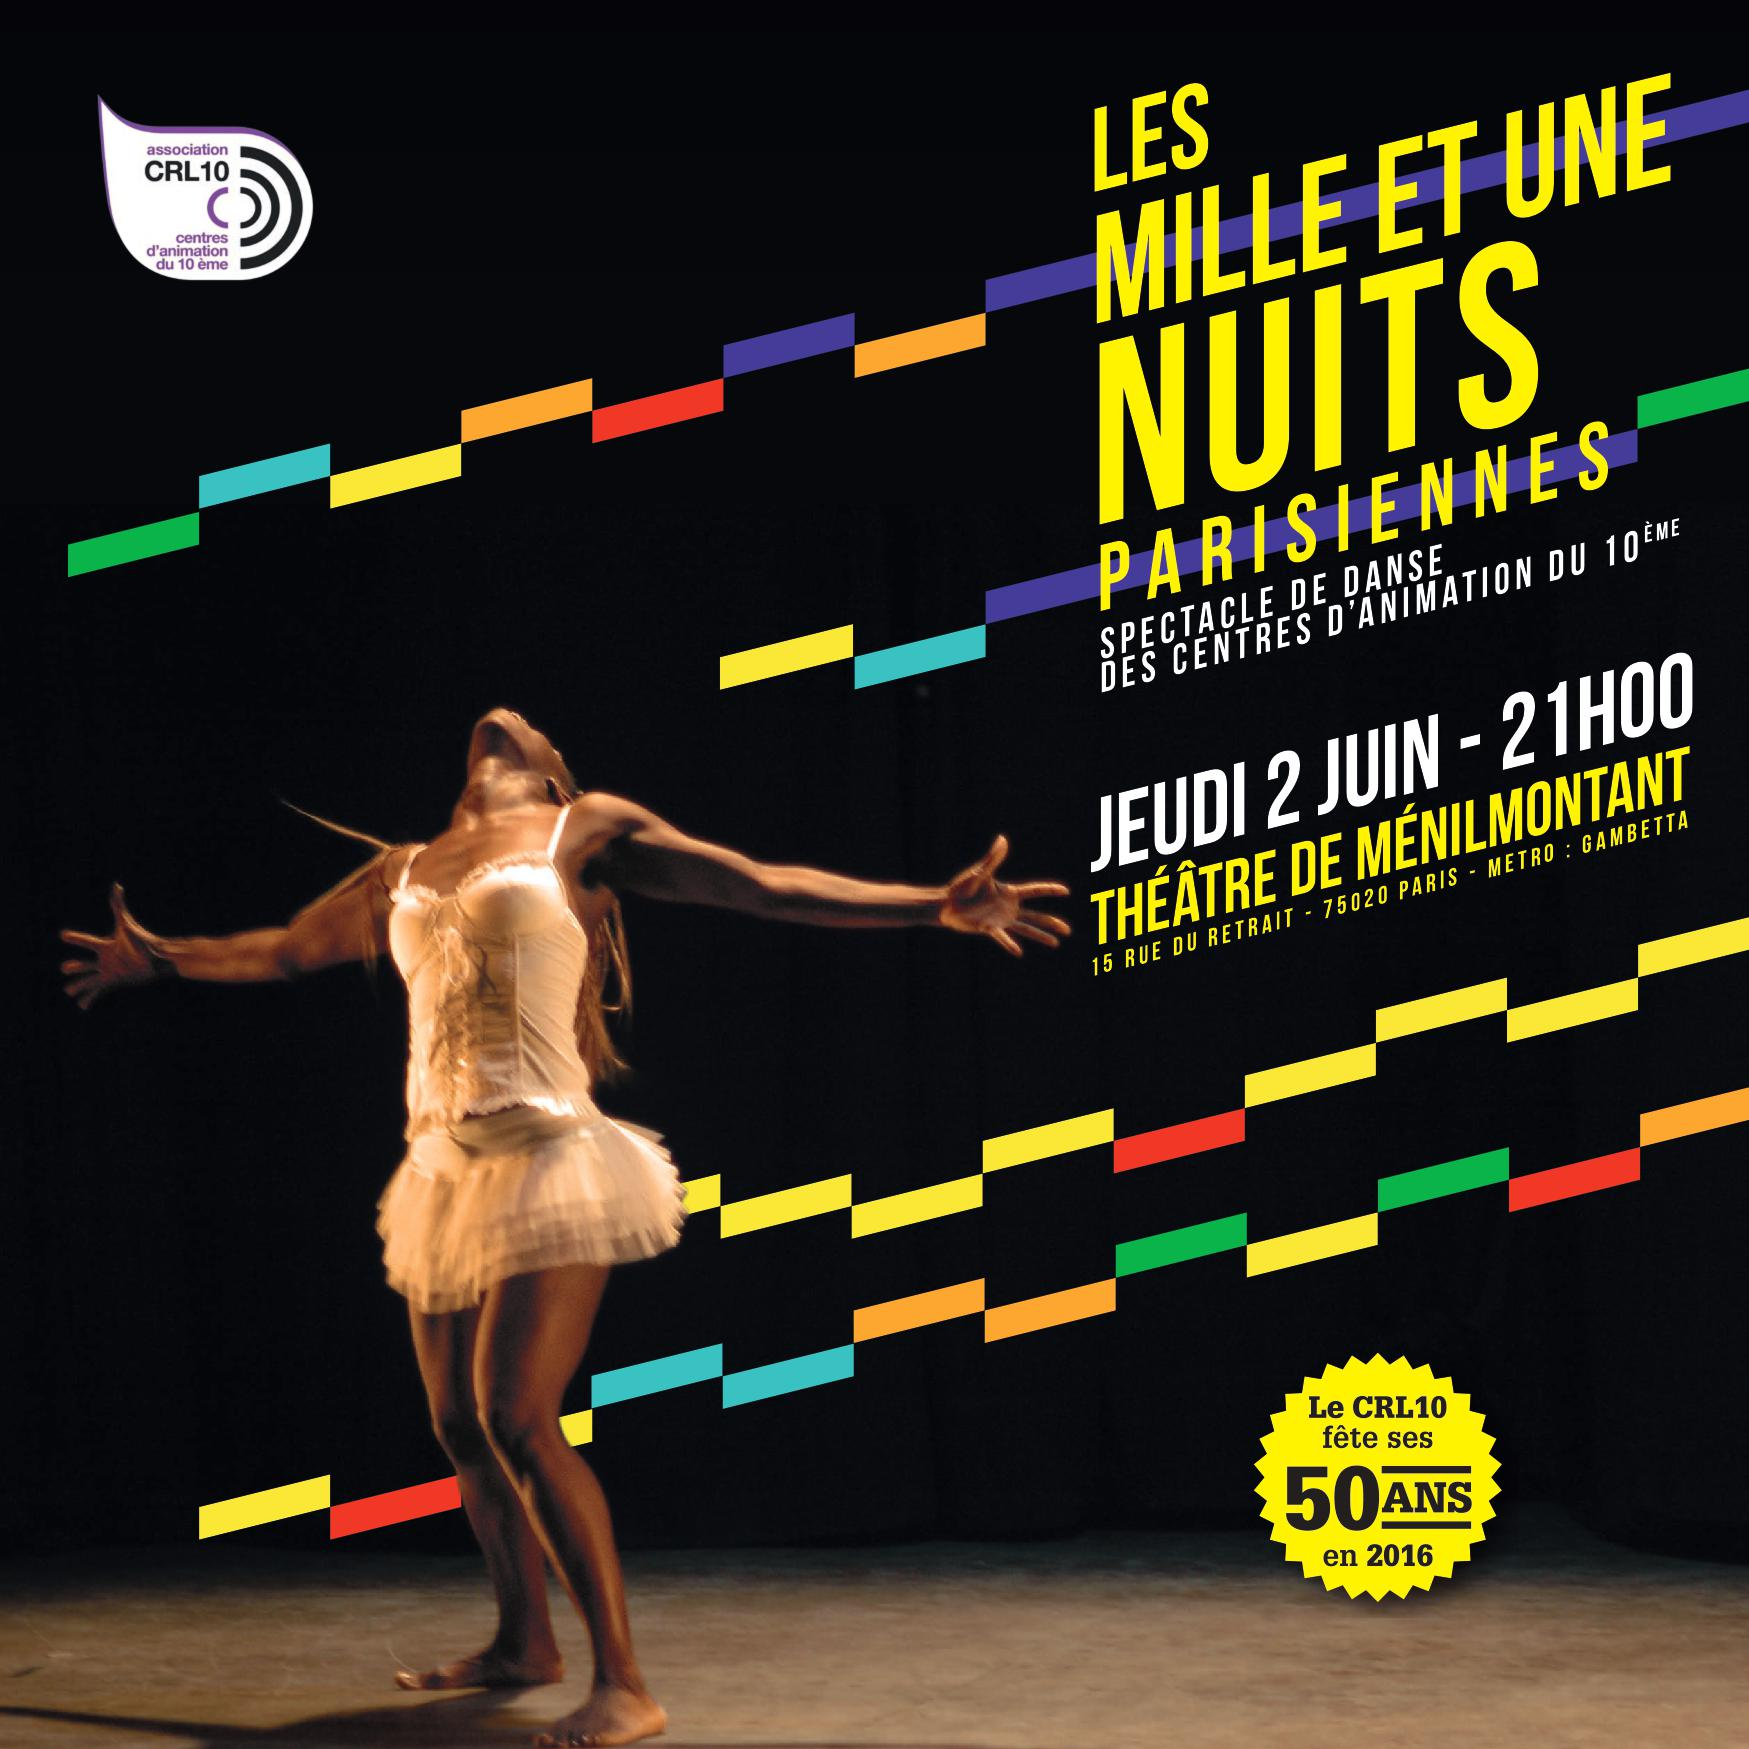 Les 1001 Nuits de Paris